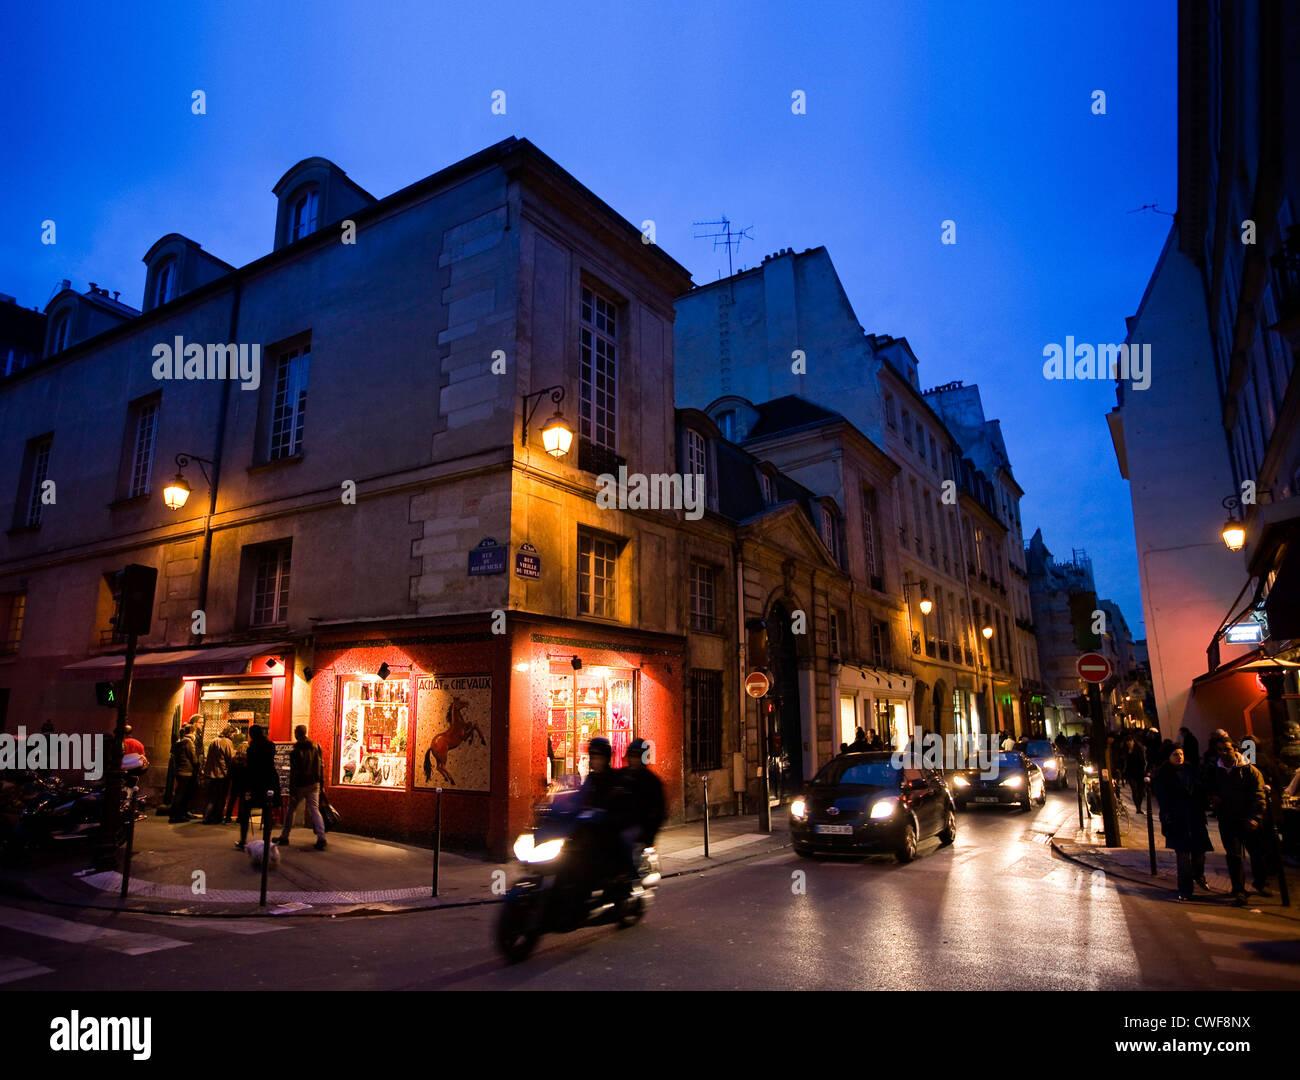 Marais district in Paris - Stock Image